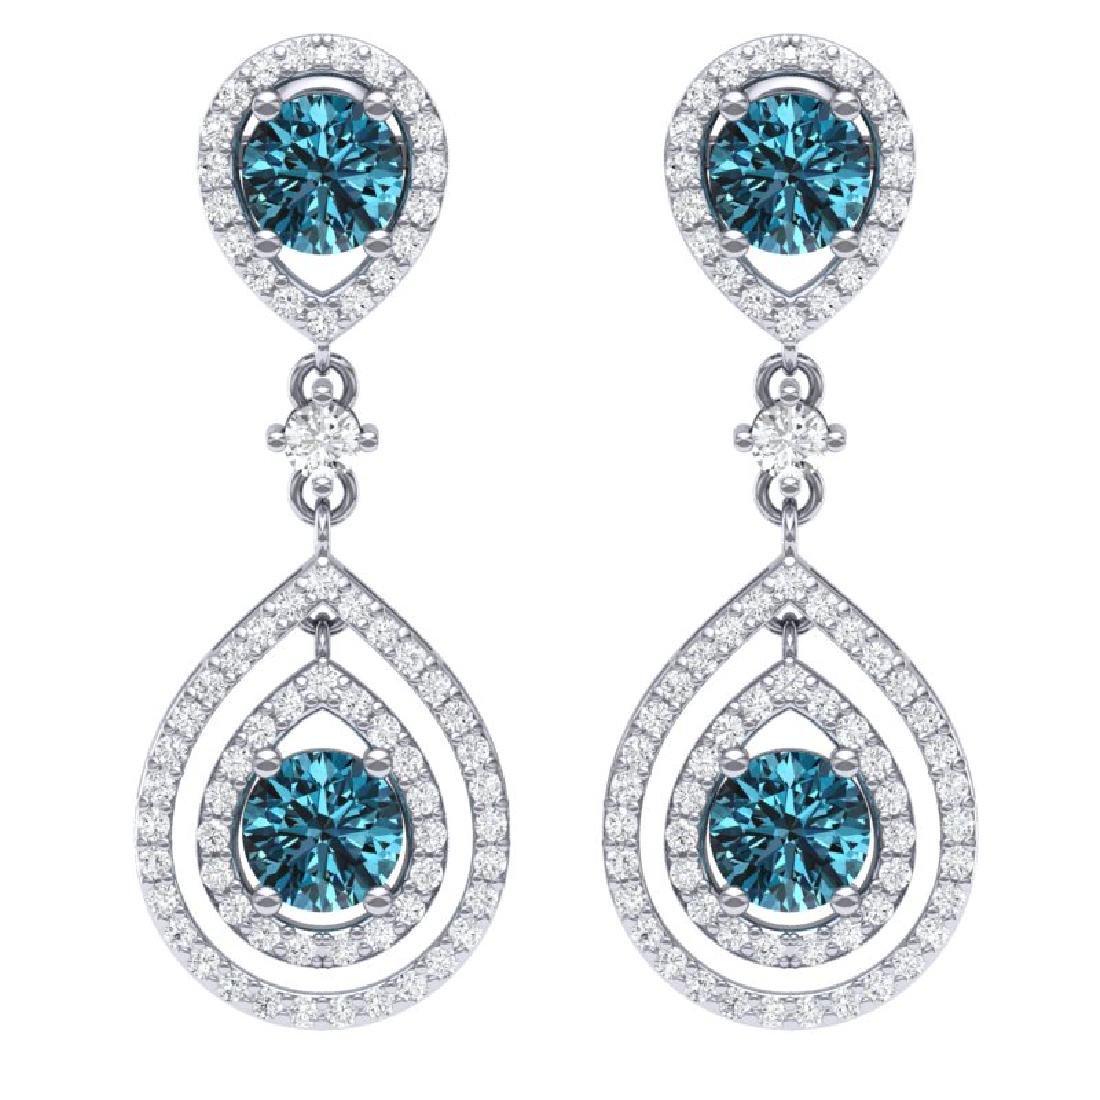 3.94 CTW Royalty Fancy Blue, SI Diamond Earrings 18K